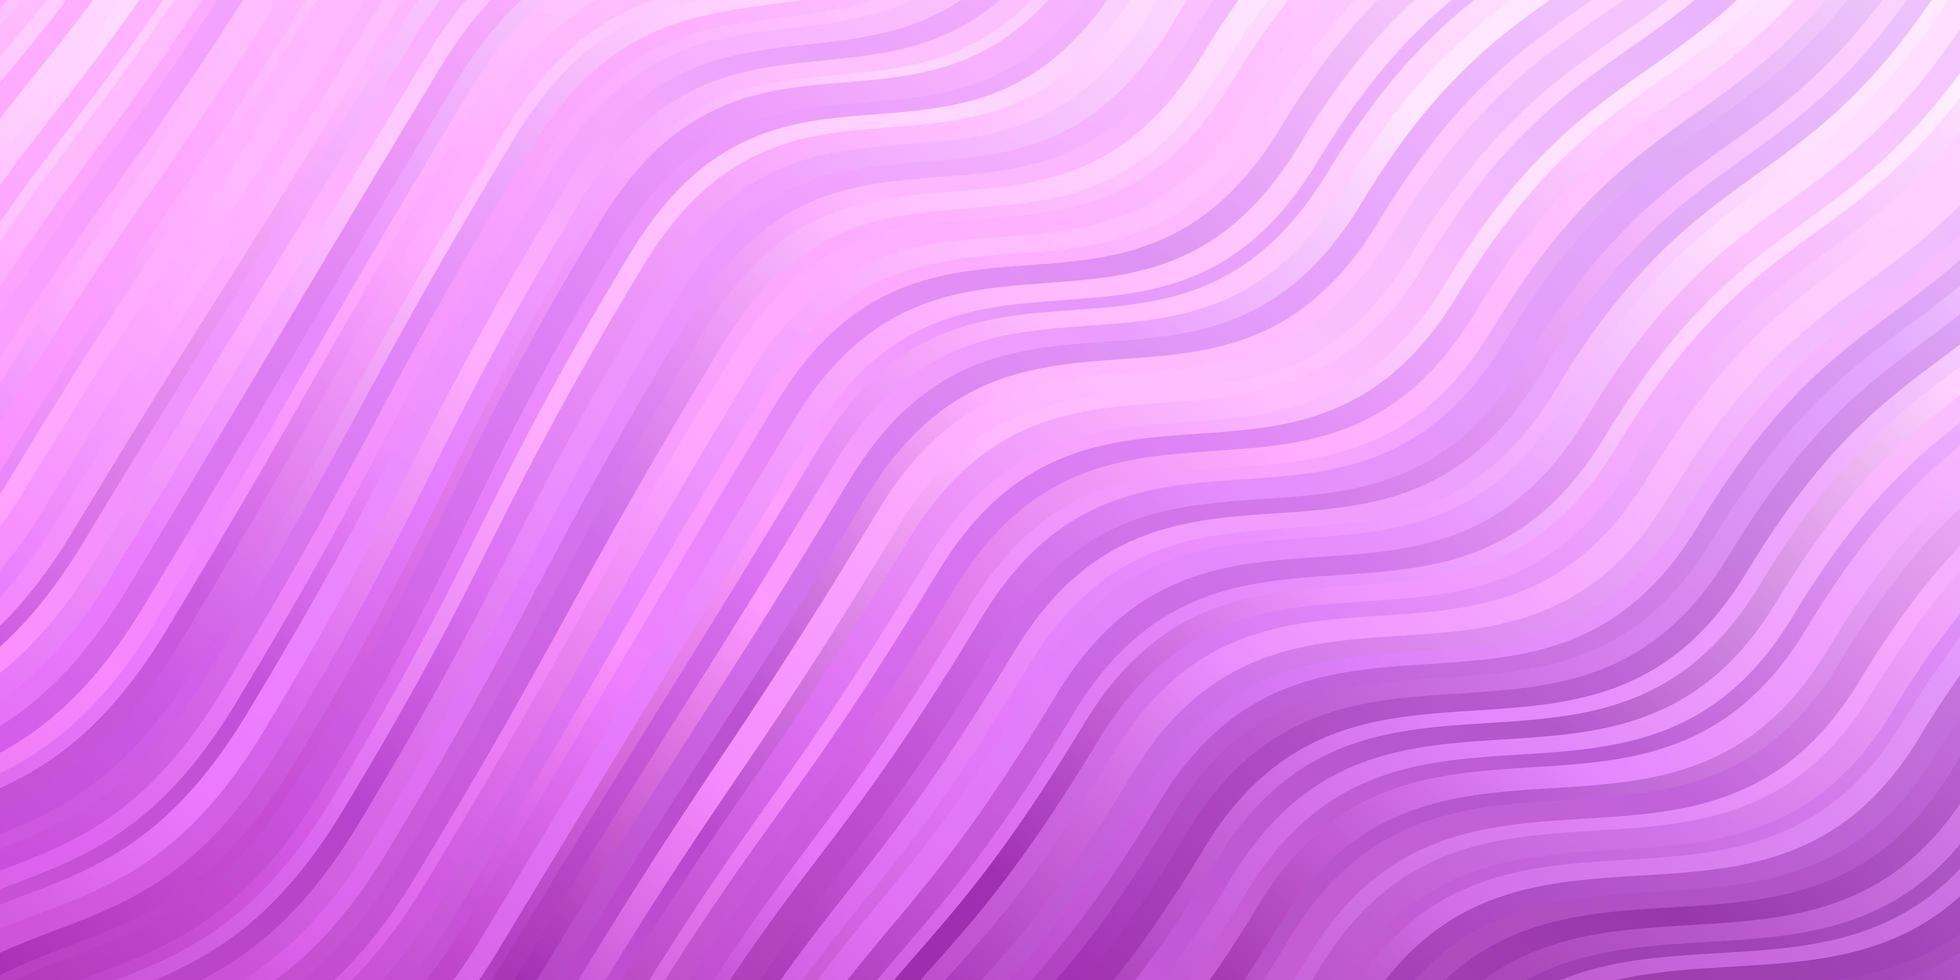 hellrosa Hintergrund mit gebogenen Linien. vektor